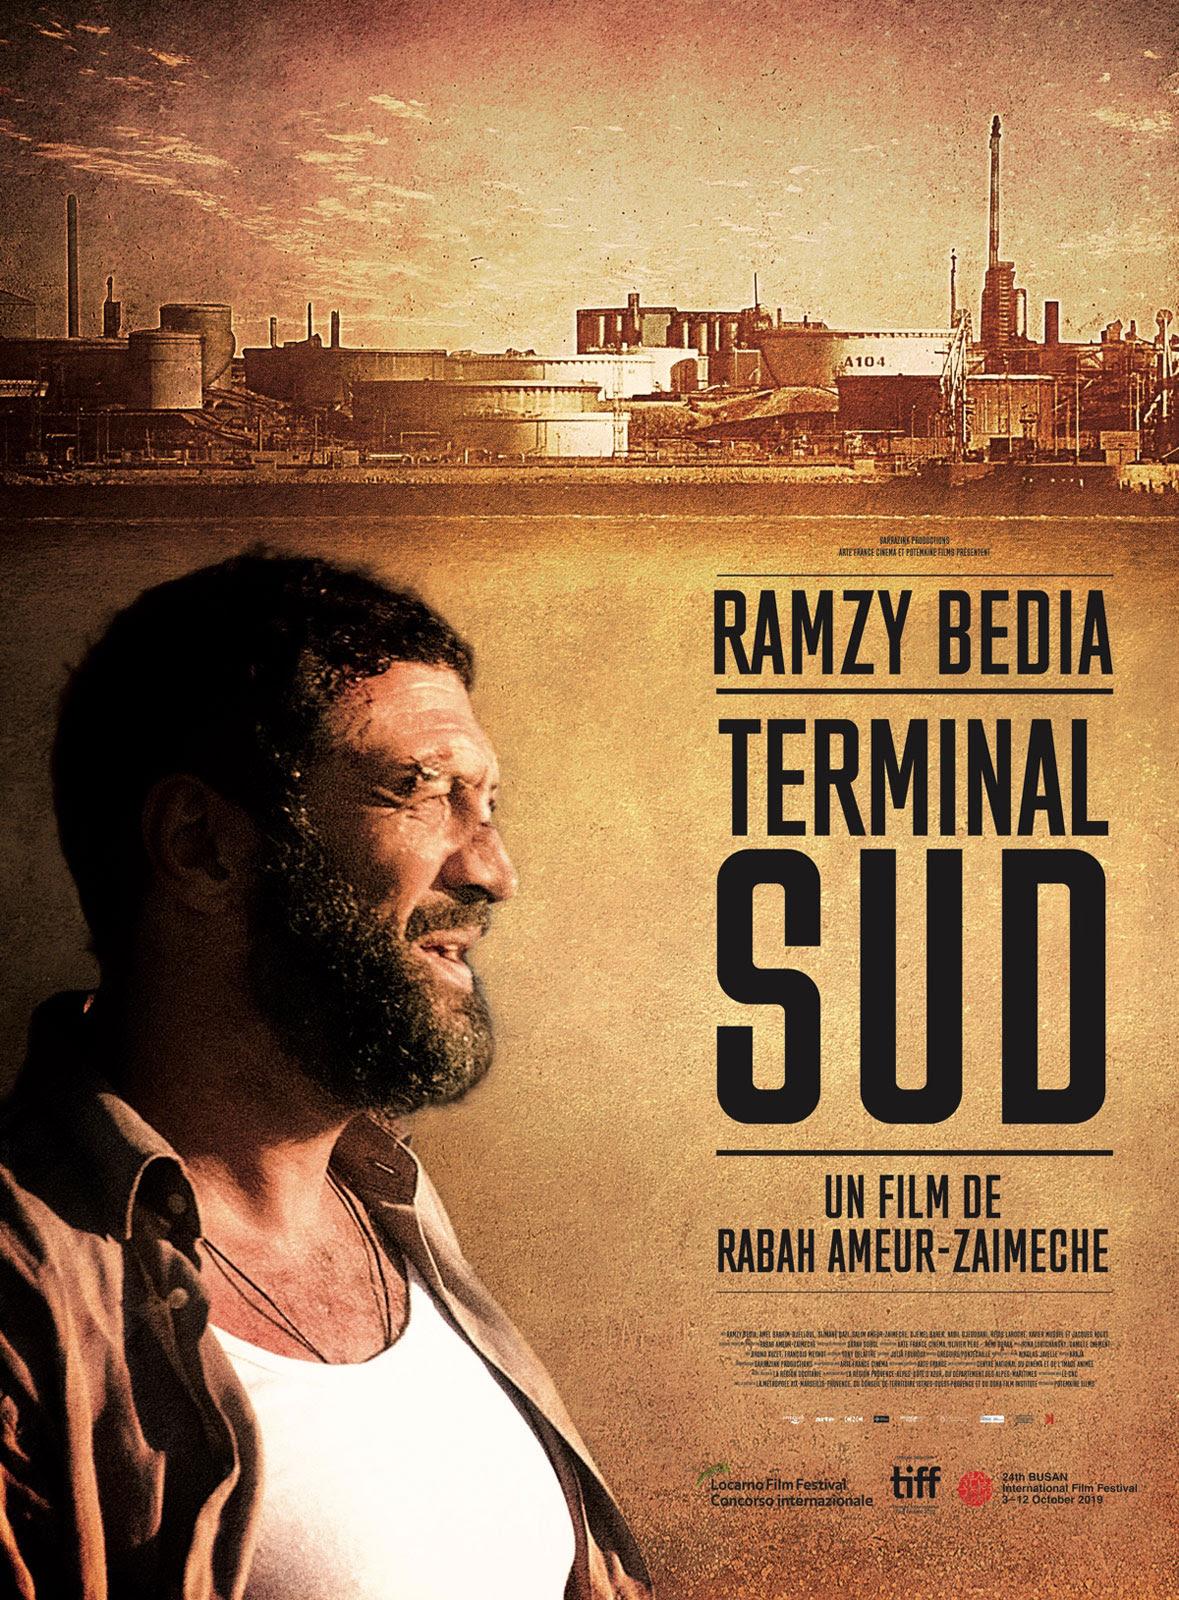 Séances Et Horaires Du Film Terminal Sud à Saint Denis